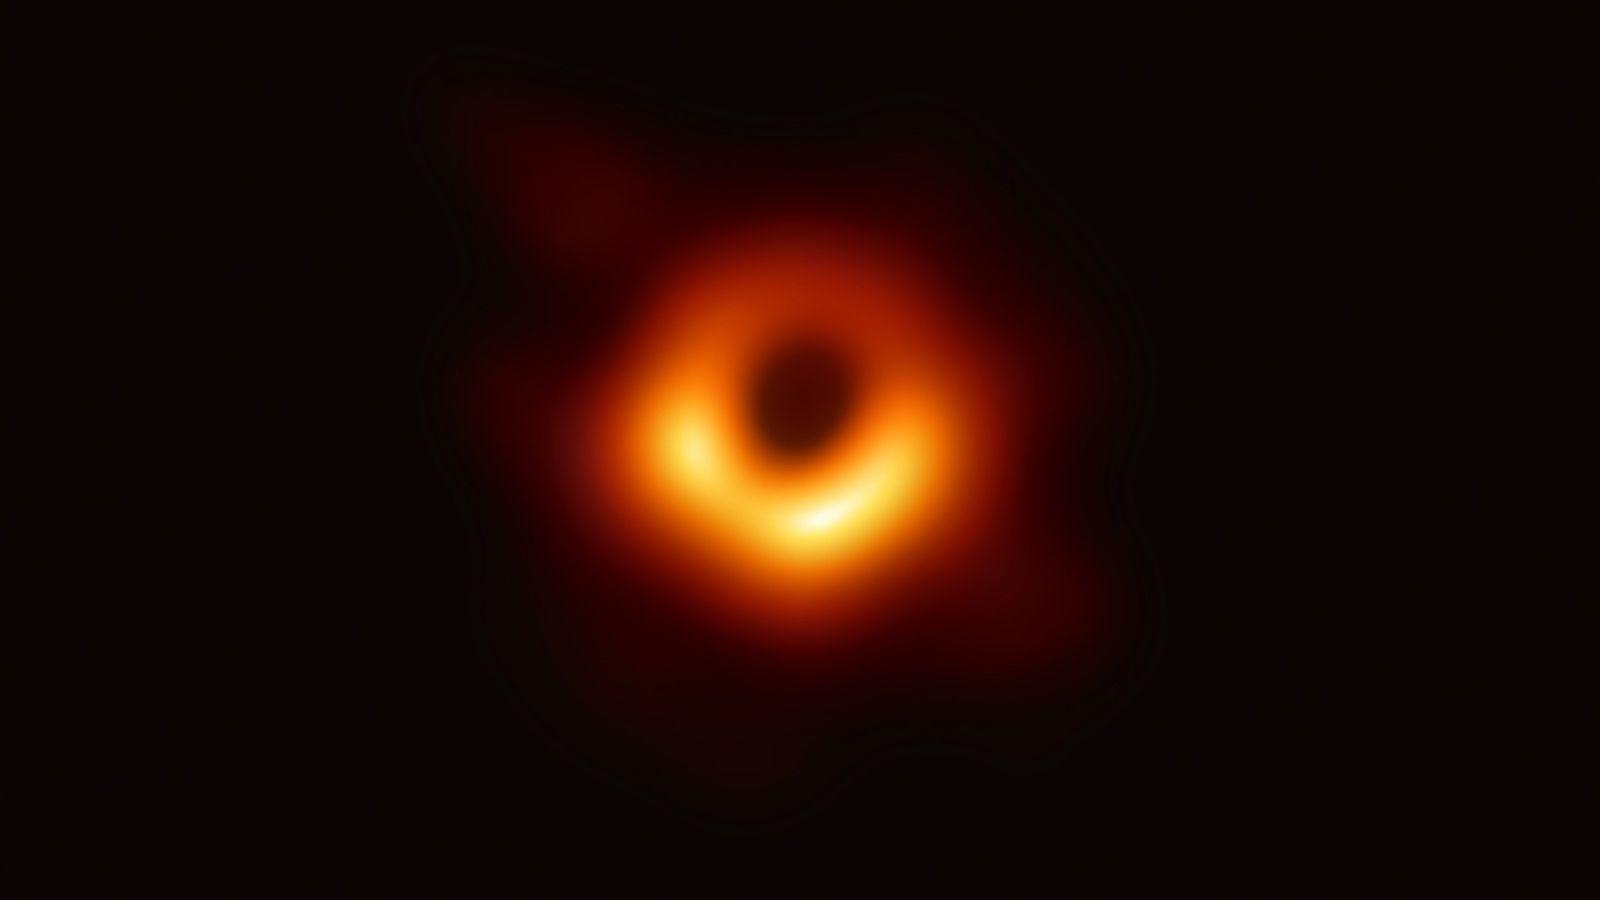 El Event Horizon Telescope o (Telescopio del Horizonte de Sucesos), una serie de radios telescopios terrestres ...